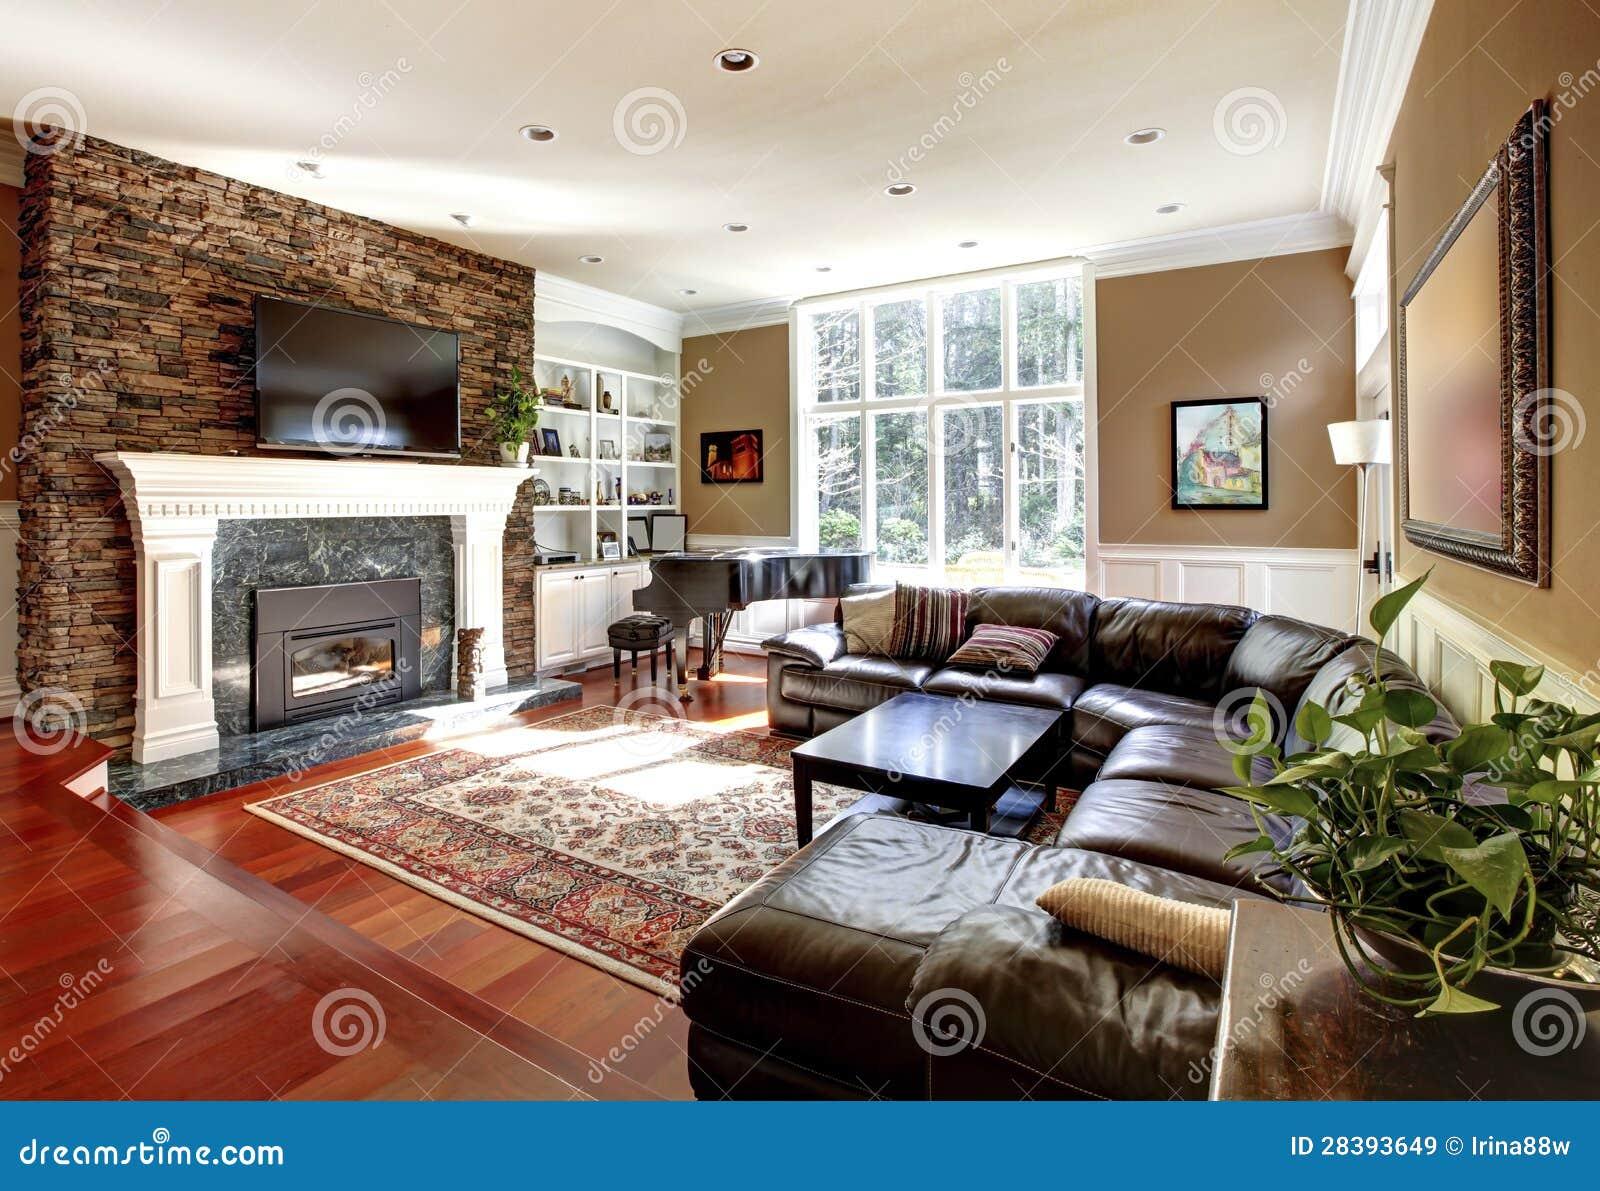 luxuswohnzimmer mit stobe kamin- und ledersofas. lizenzfreie, Wohnzimmer dekoo